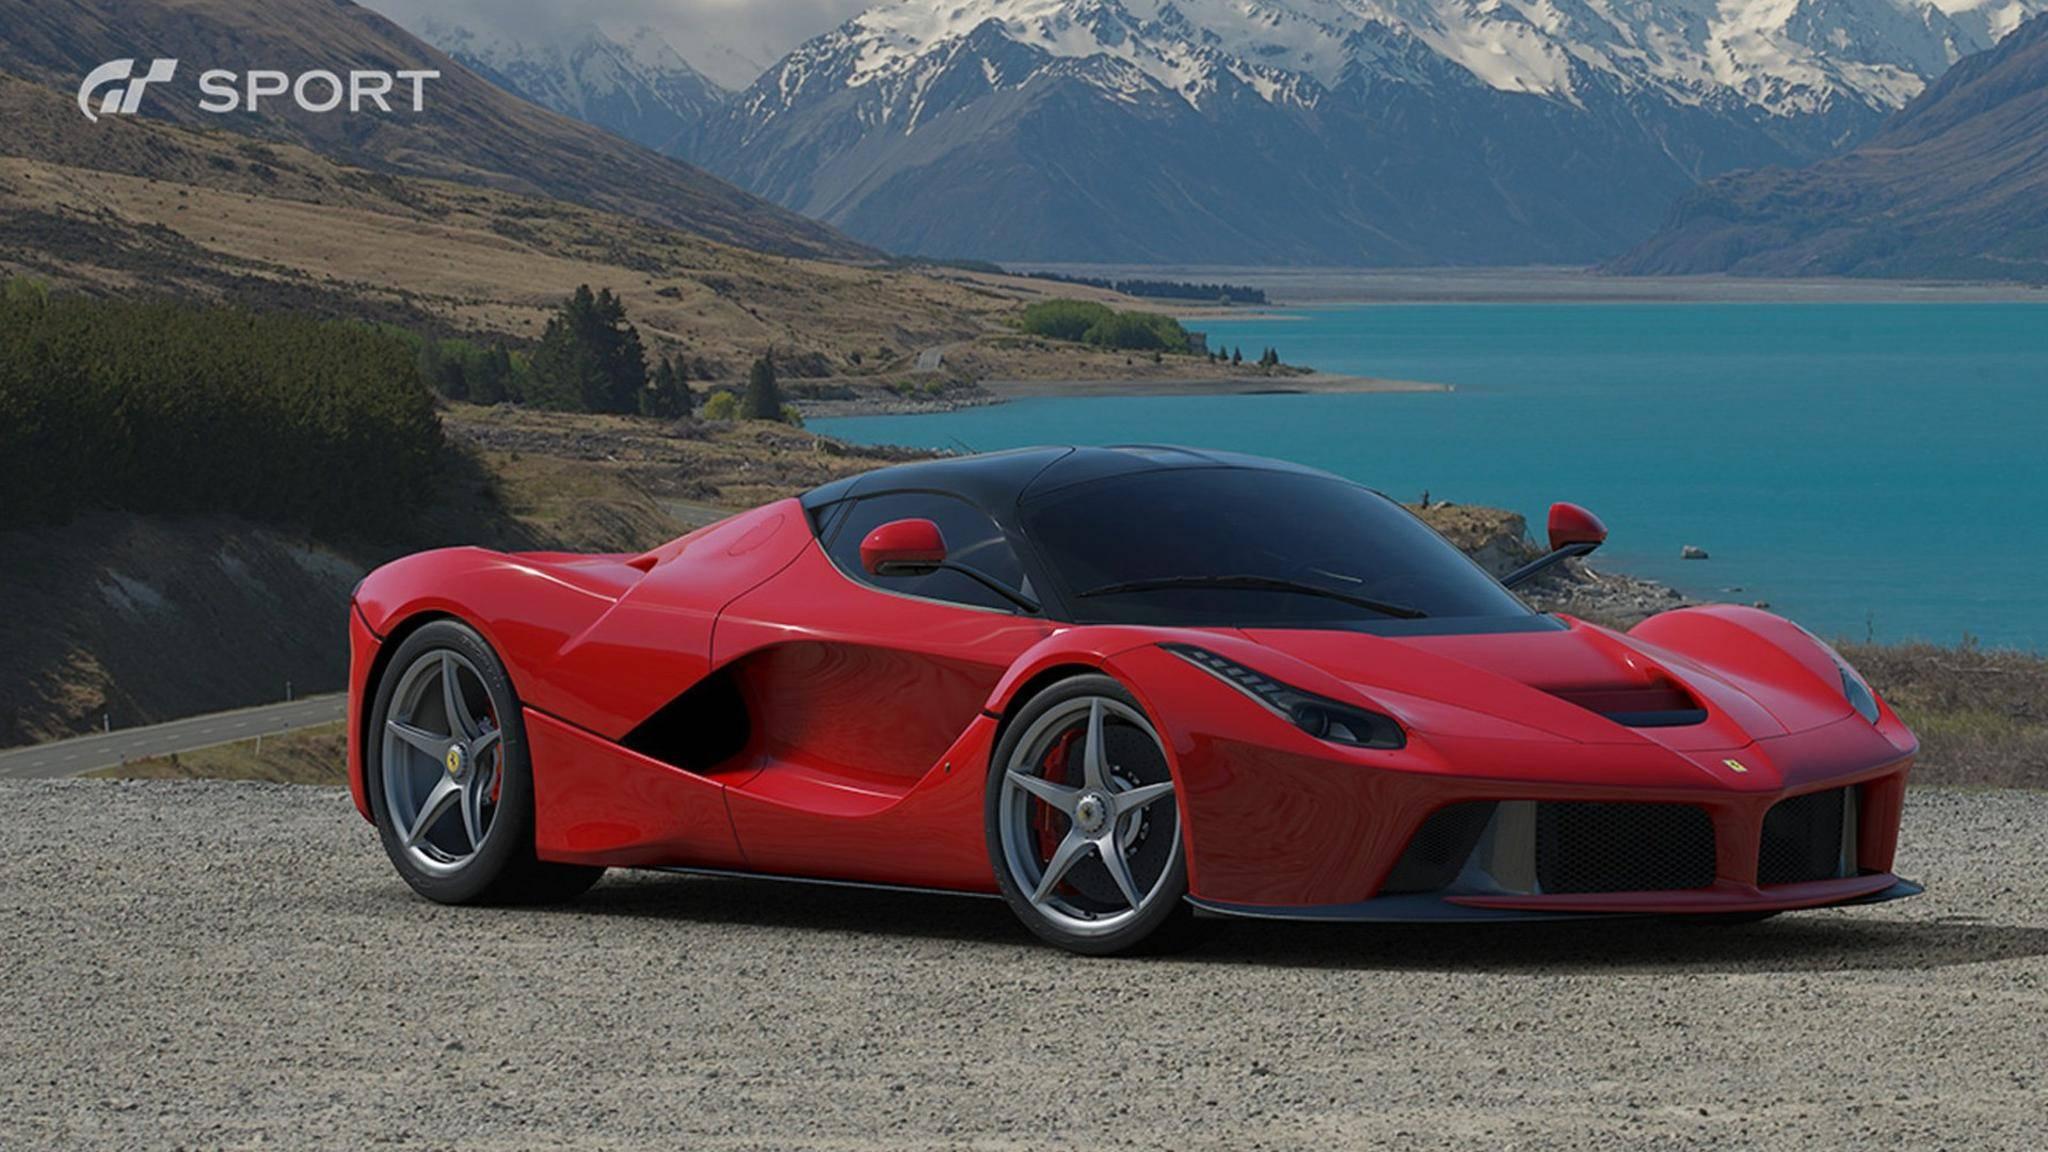 """Dieser Ferrari ist nur eines von über 150 Fahrzeugen, die in """"Gran Turismo Sport"""" auf die Strecke geschickt werden dürfen."""